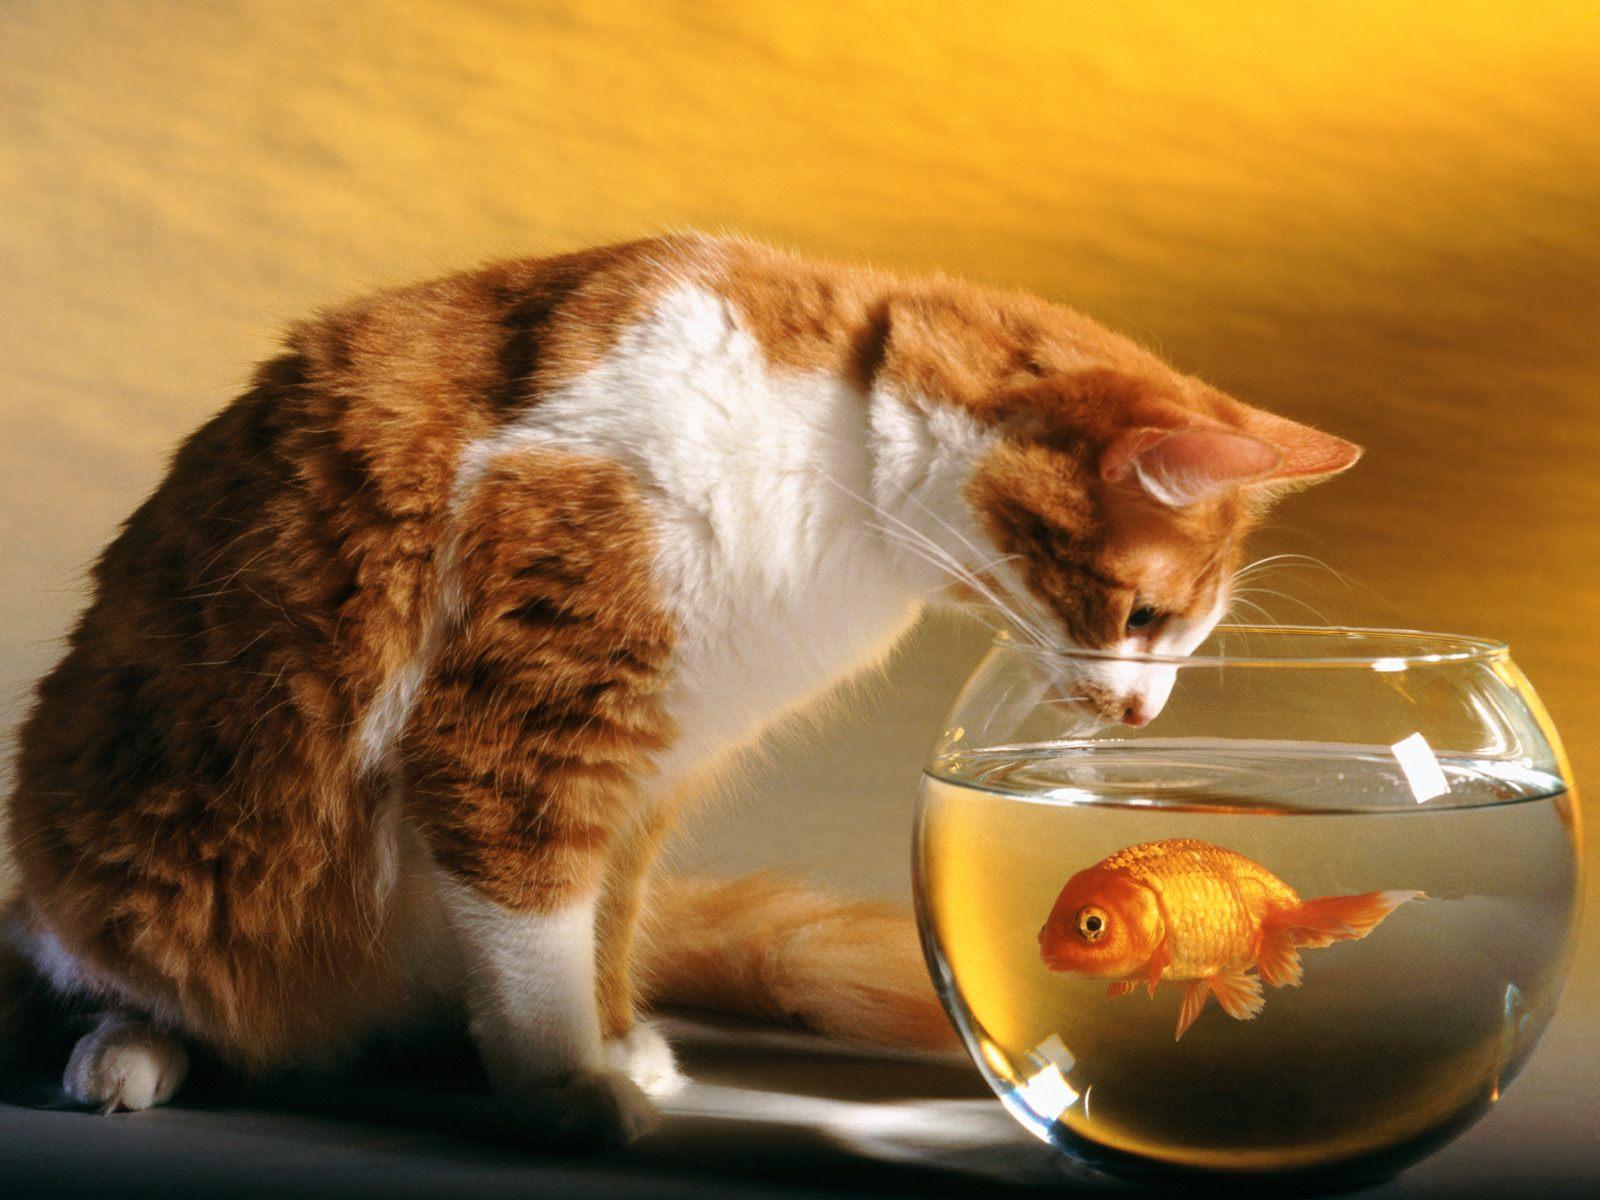 http://2.bp.blogspot.com/-owth1A61SJg/T2R8XtBhQXI/AAAAAAAACss/aKSE_2eN-yE/s1600/Cute+HD+Cats+Wallpaper+7.jpg